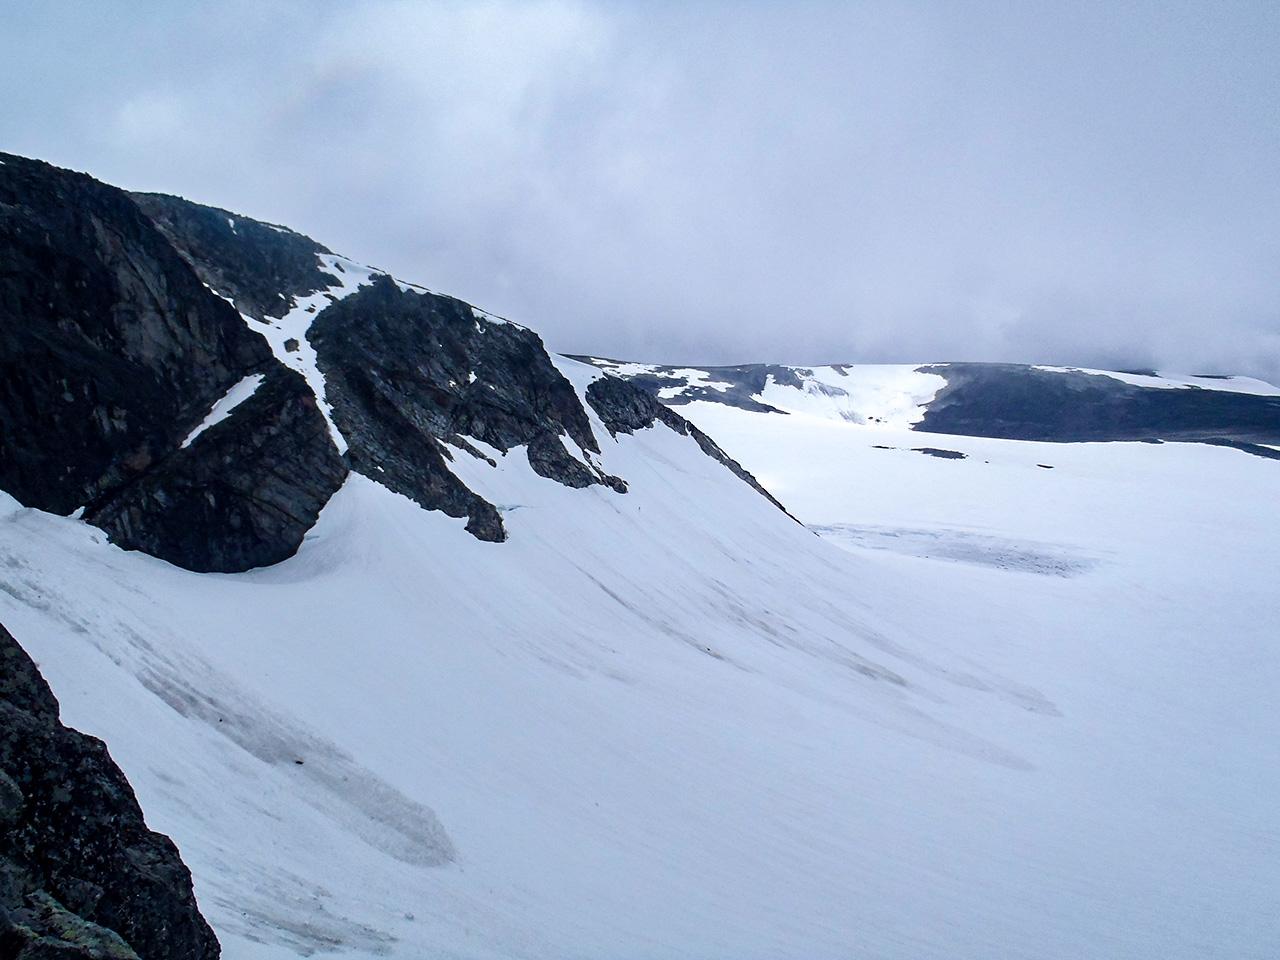 mera_snö_o_berg